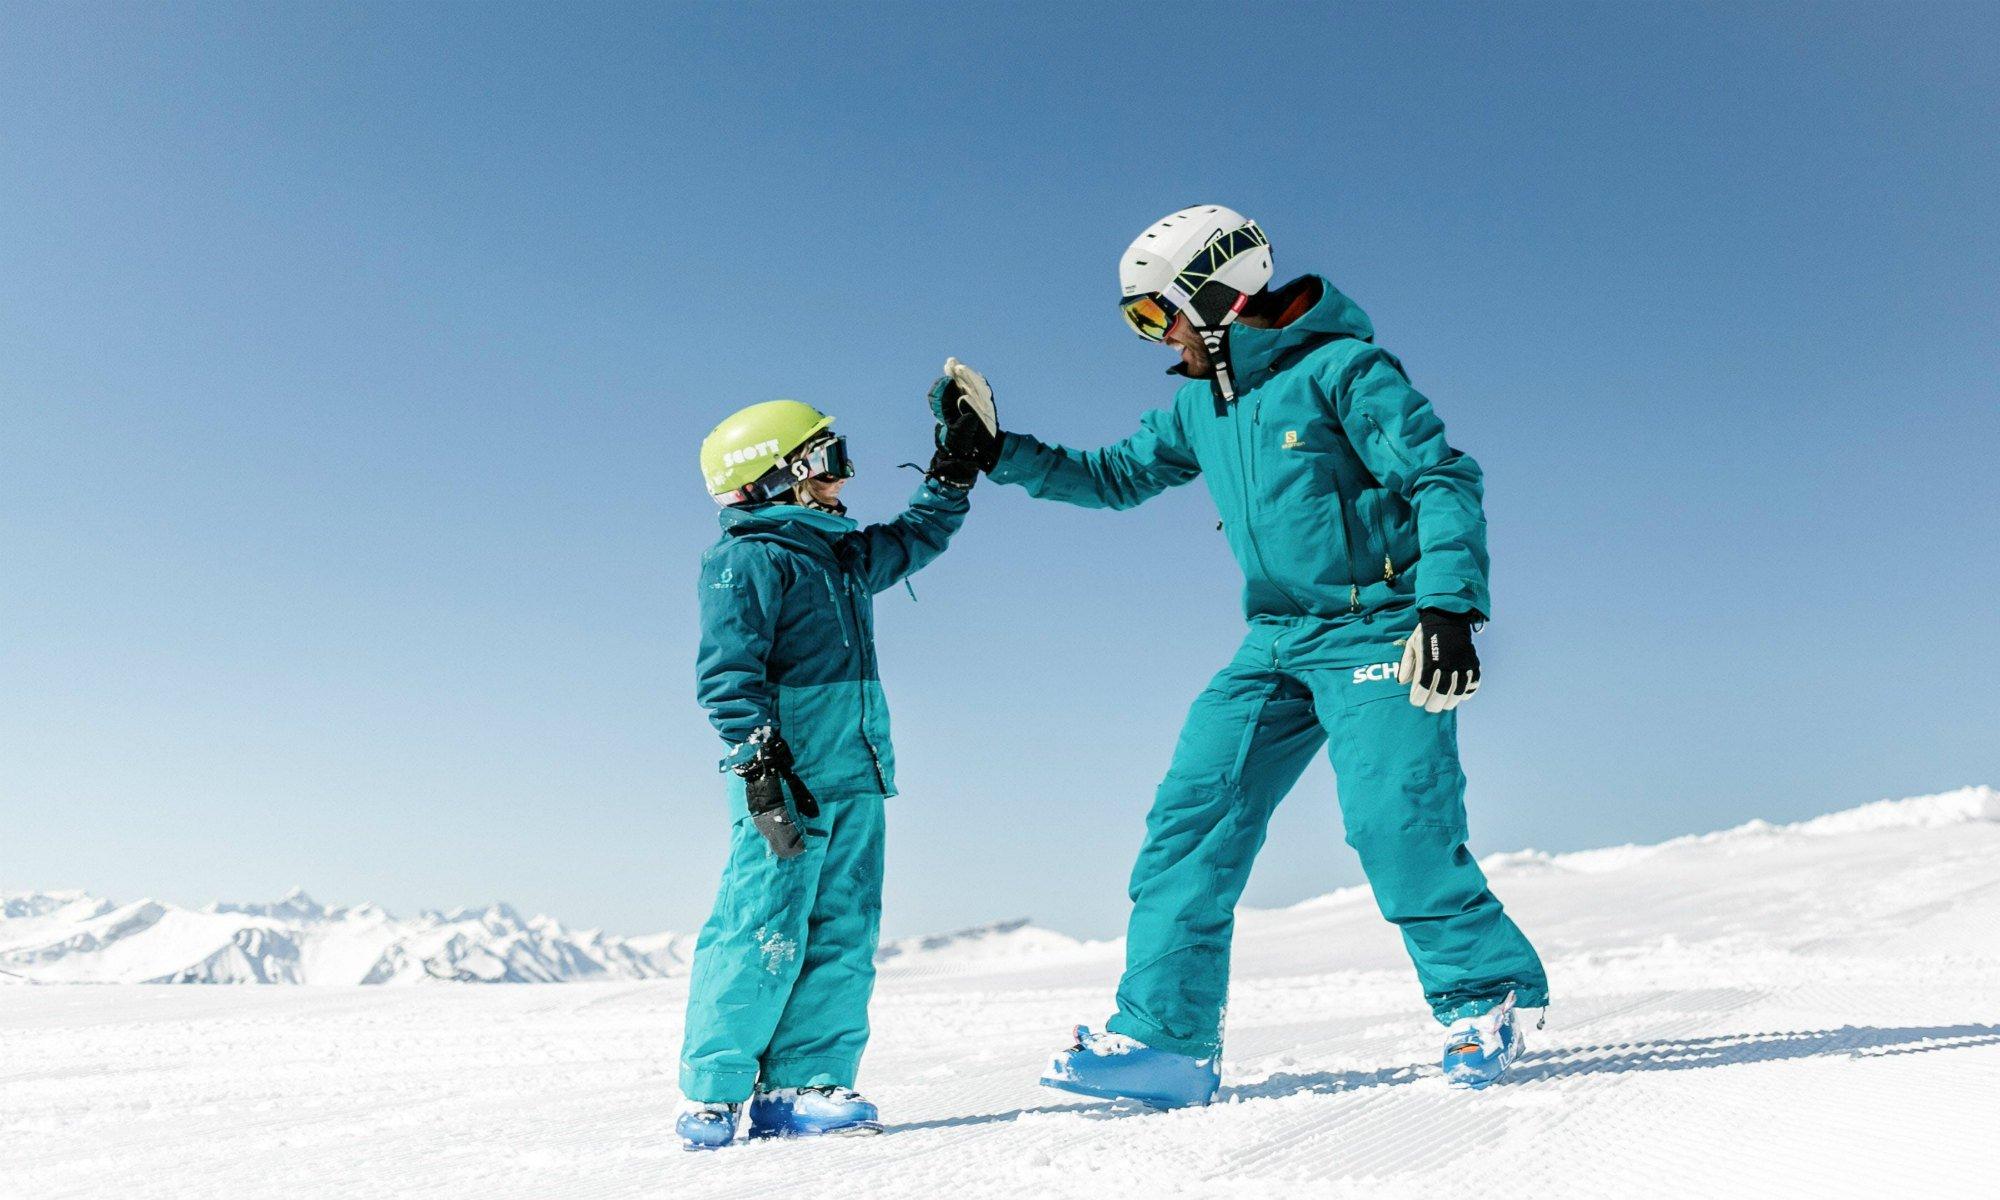 Een skileraar geeft zijn leerling een high five tijdens een skiles in het skigebied van Oberstdorf.